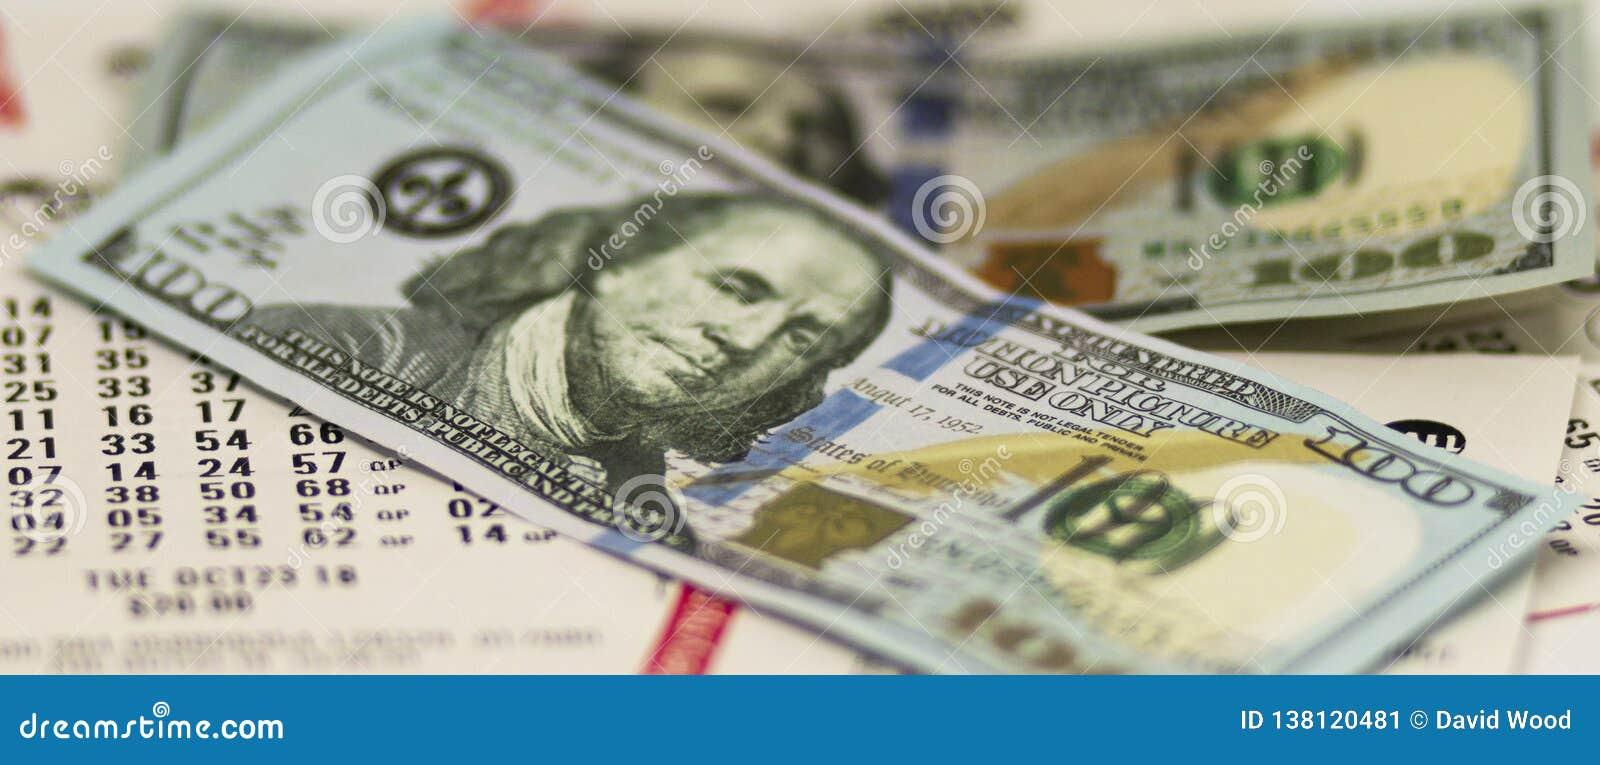 Λογαριασμοί εκατό δολαρίων πέρα από τα εισιτήρια λαχειοφόρων αγορών